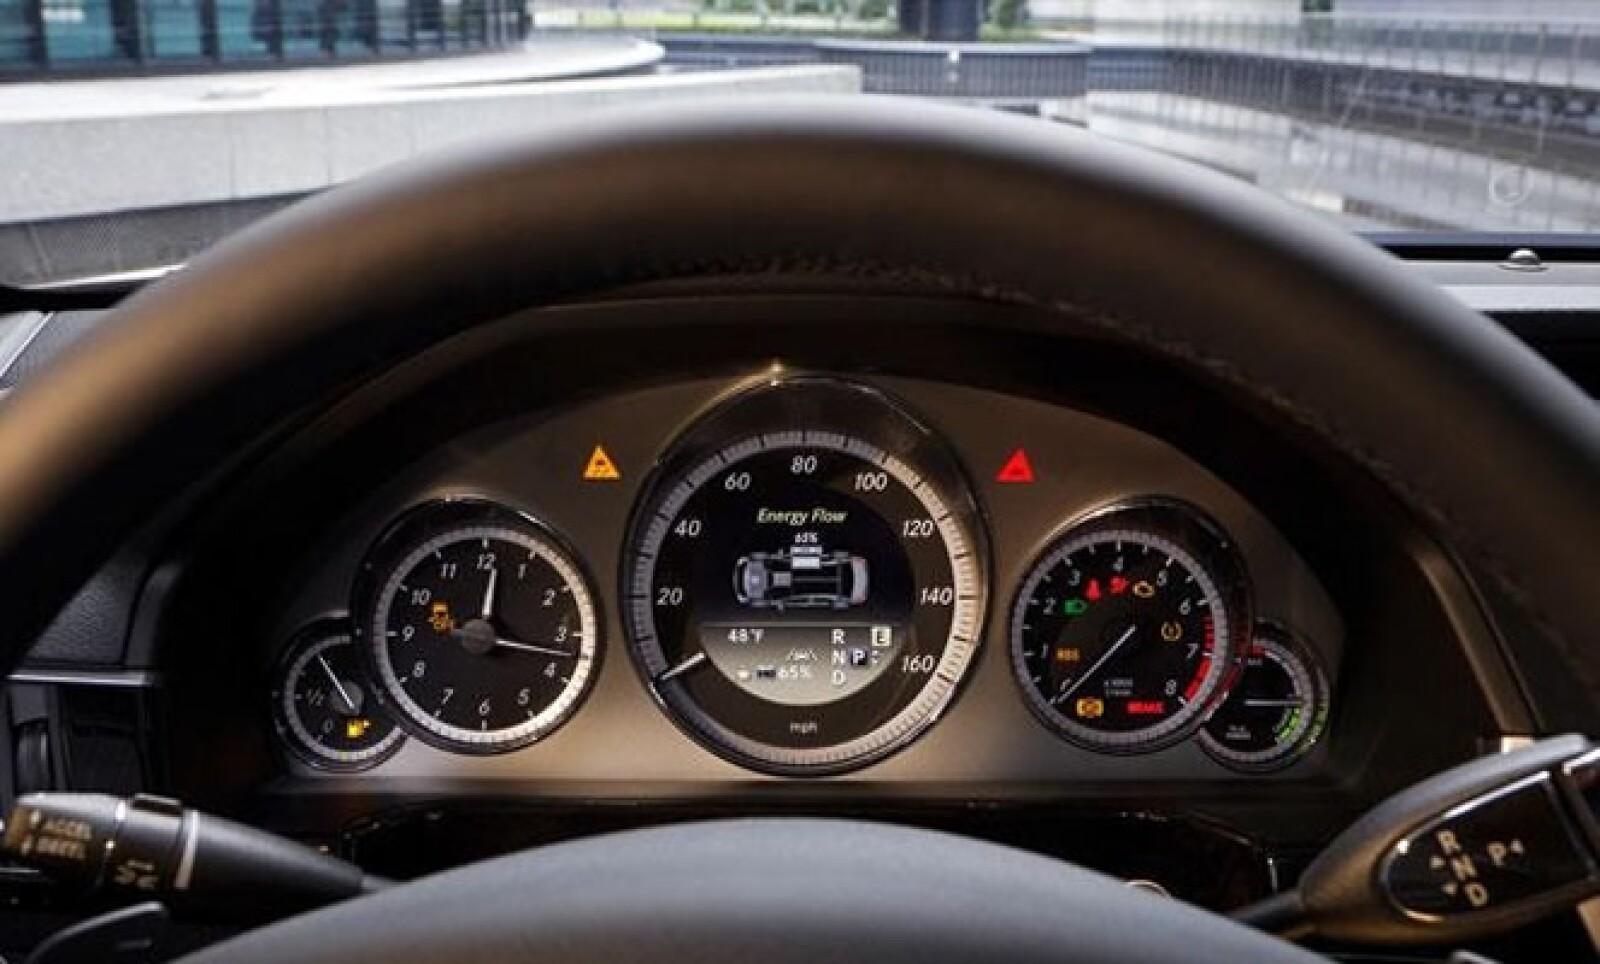 A pesar de que no fueron revalidas las prestaciones, se informó que el consumo mixto del motor es de 4.2 litros por cada 100  kilómetros recorridos. Sus emisiones de dióxido de carbono son de 109 g/km.